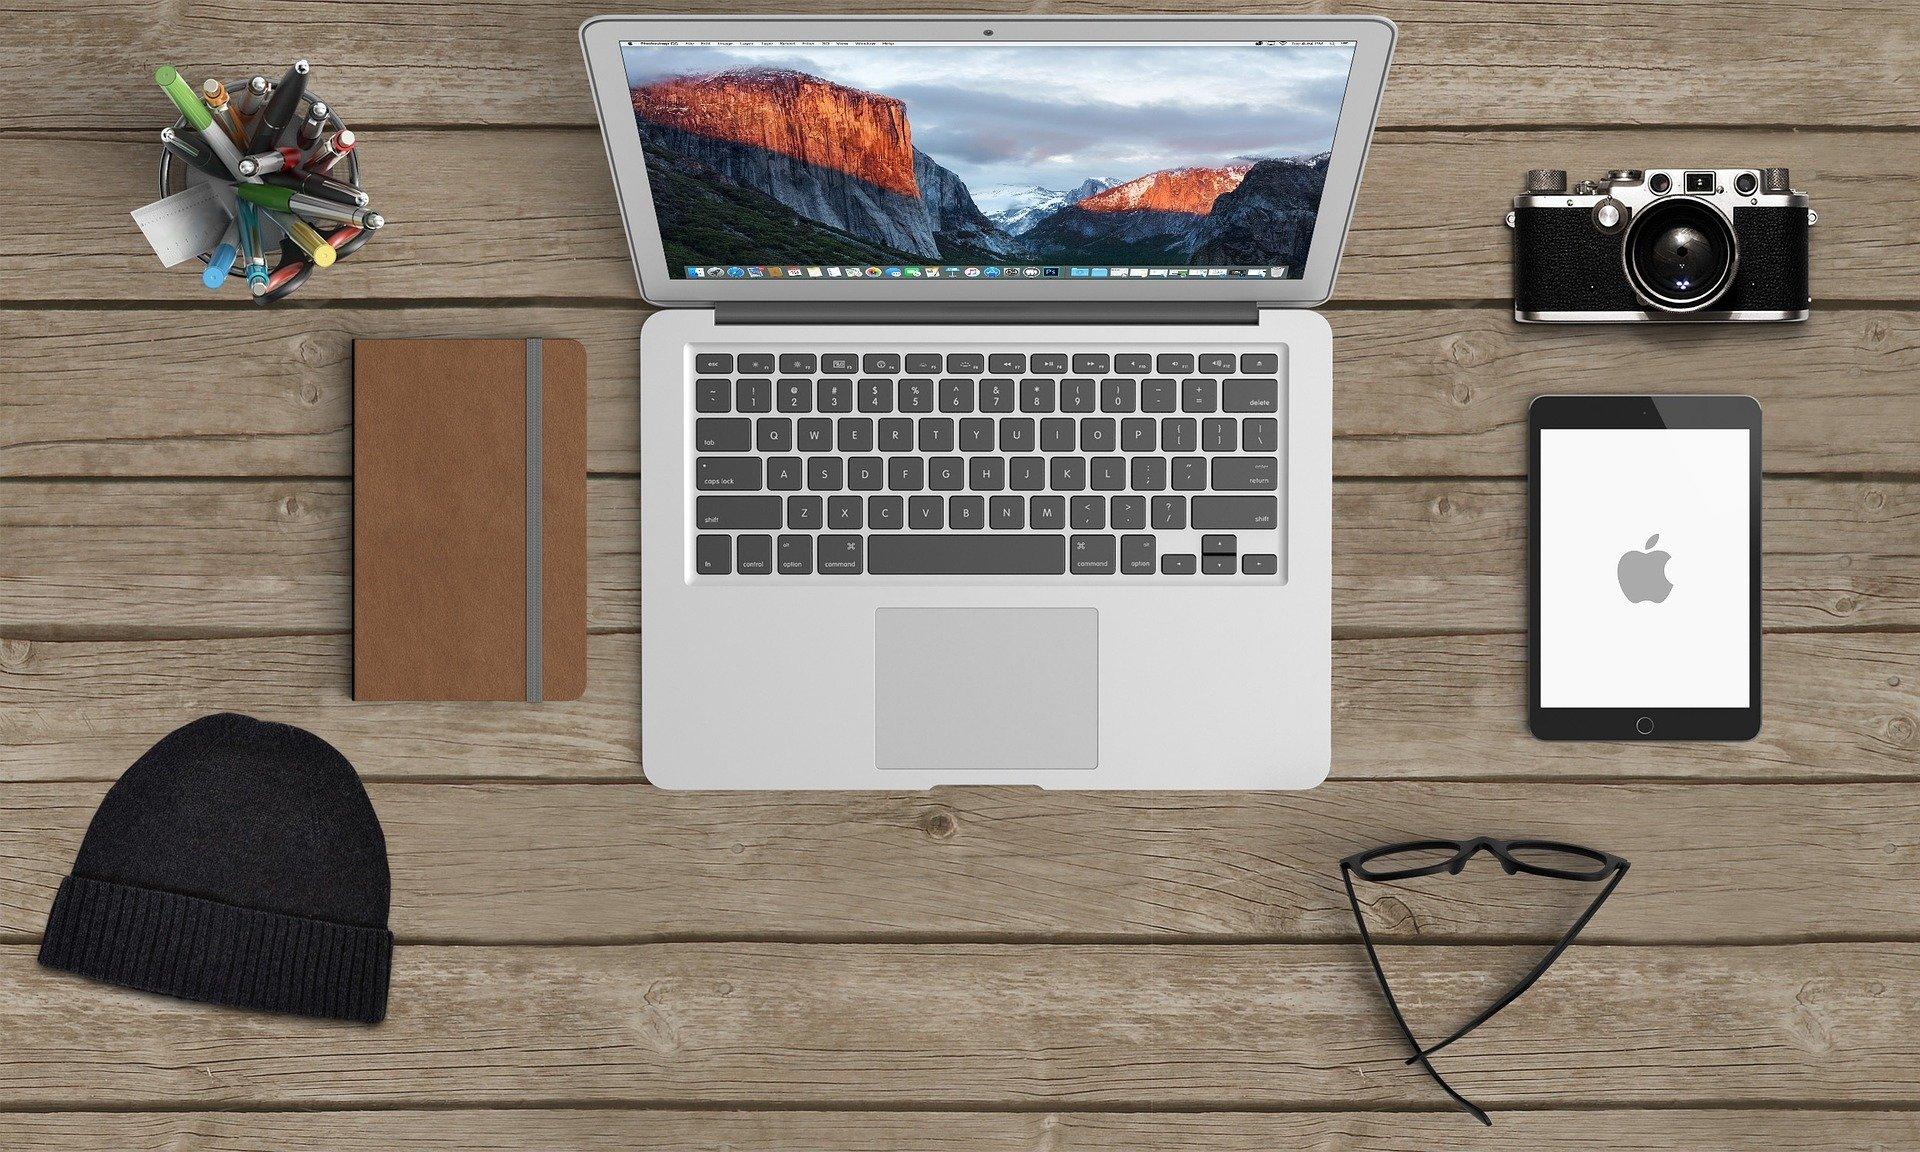 デスクの上のノートパソコンやその他のガジェットが広げられている